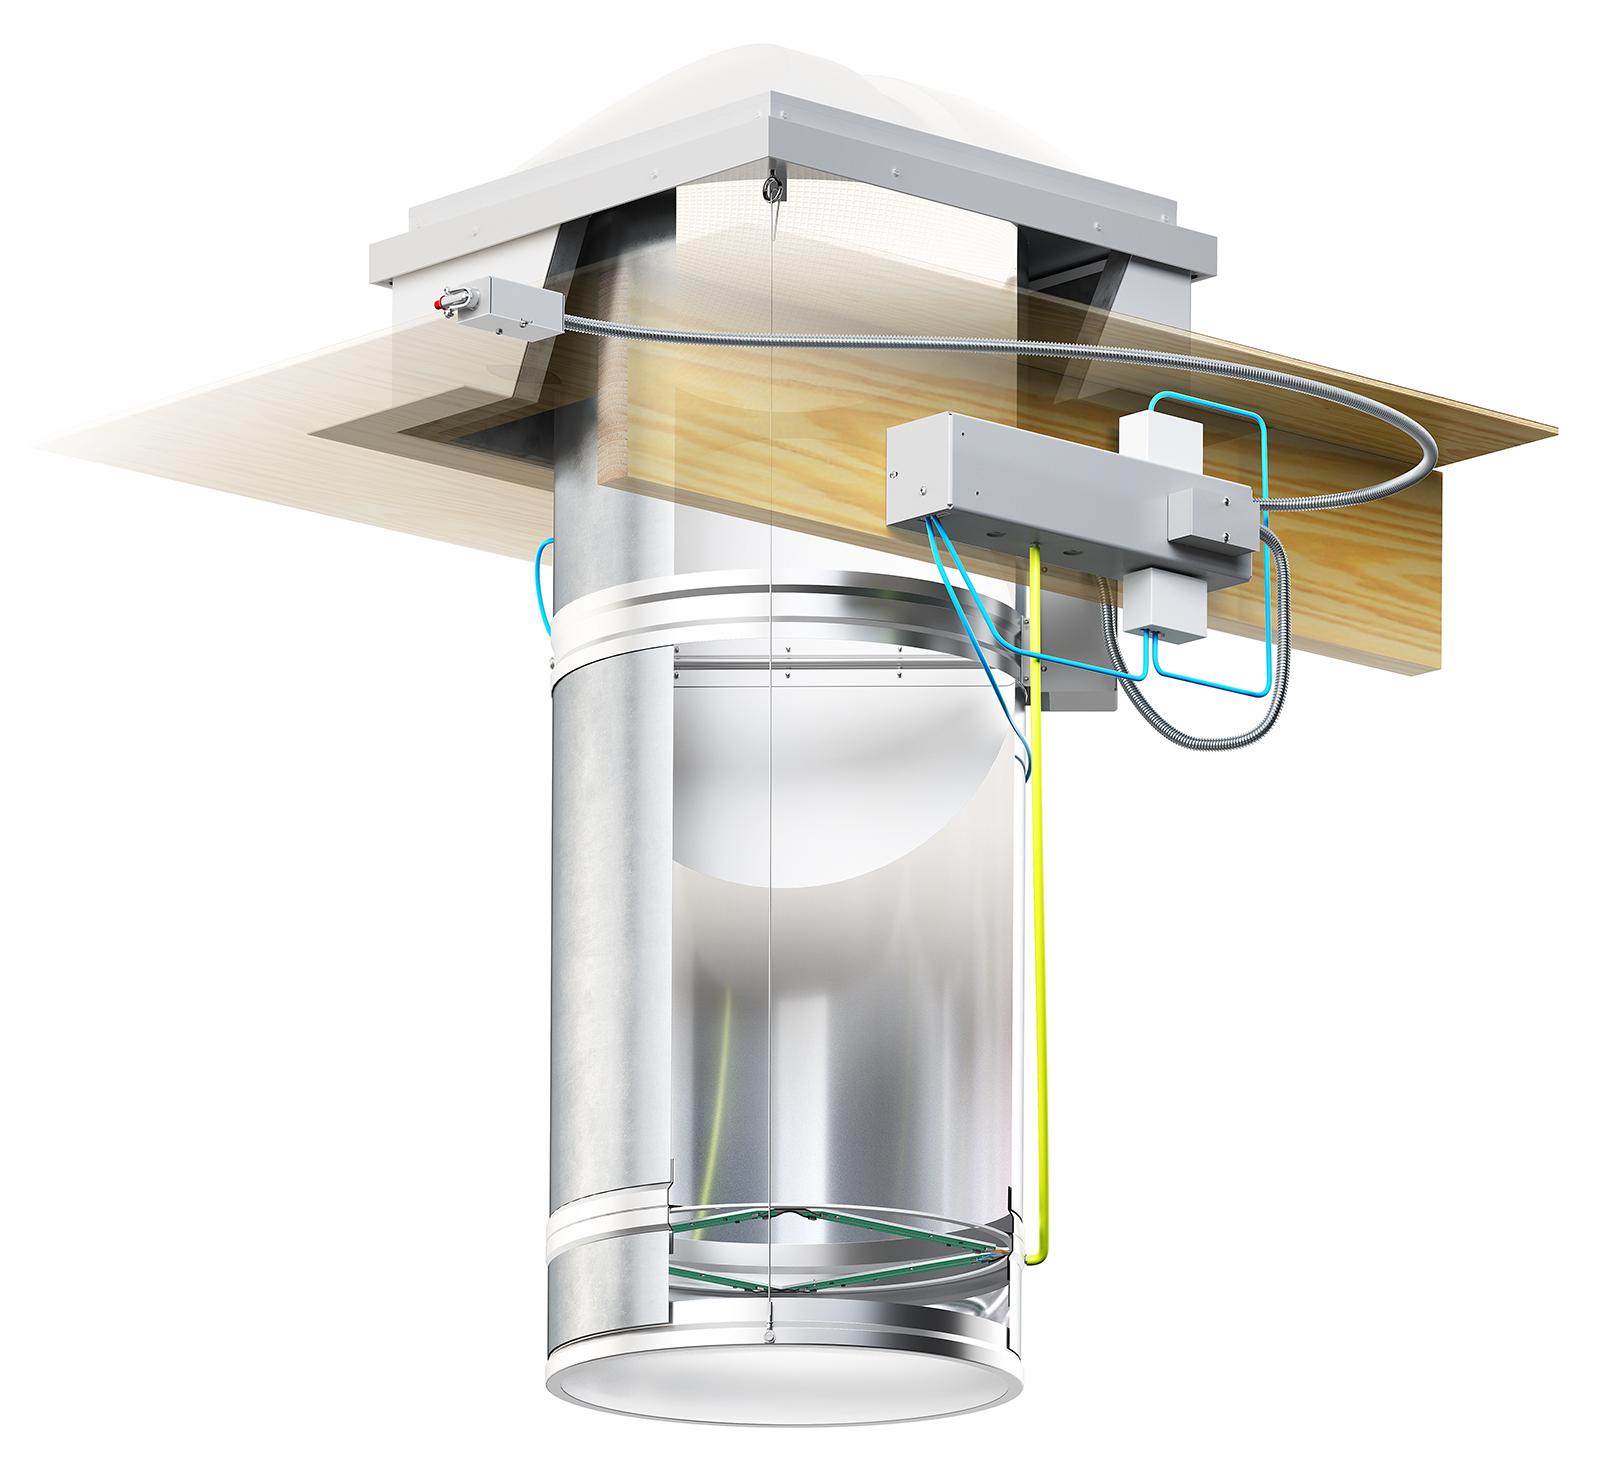 SLFOL Tubular Daylighting System